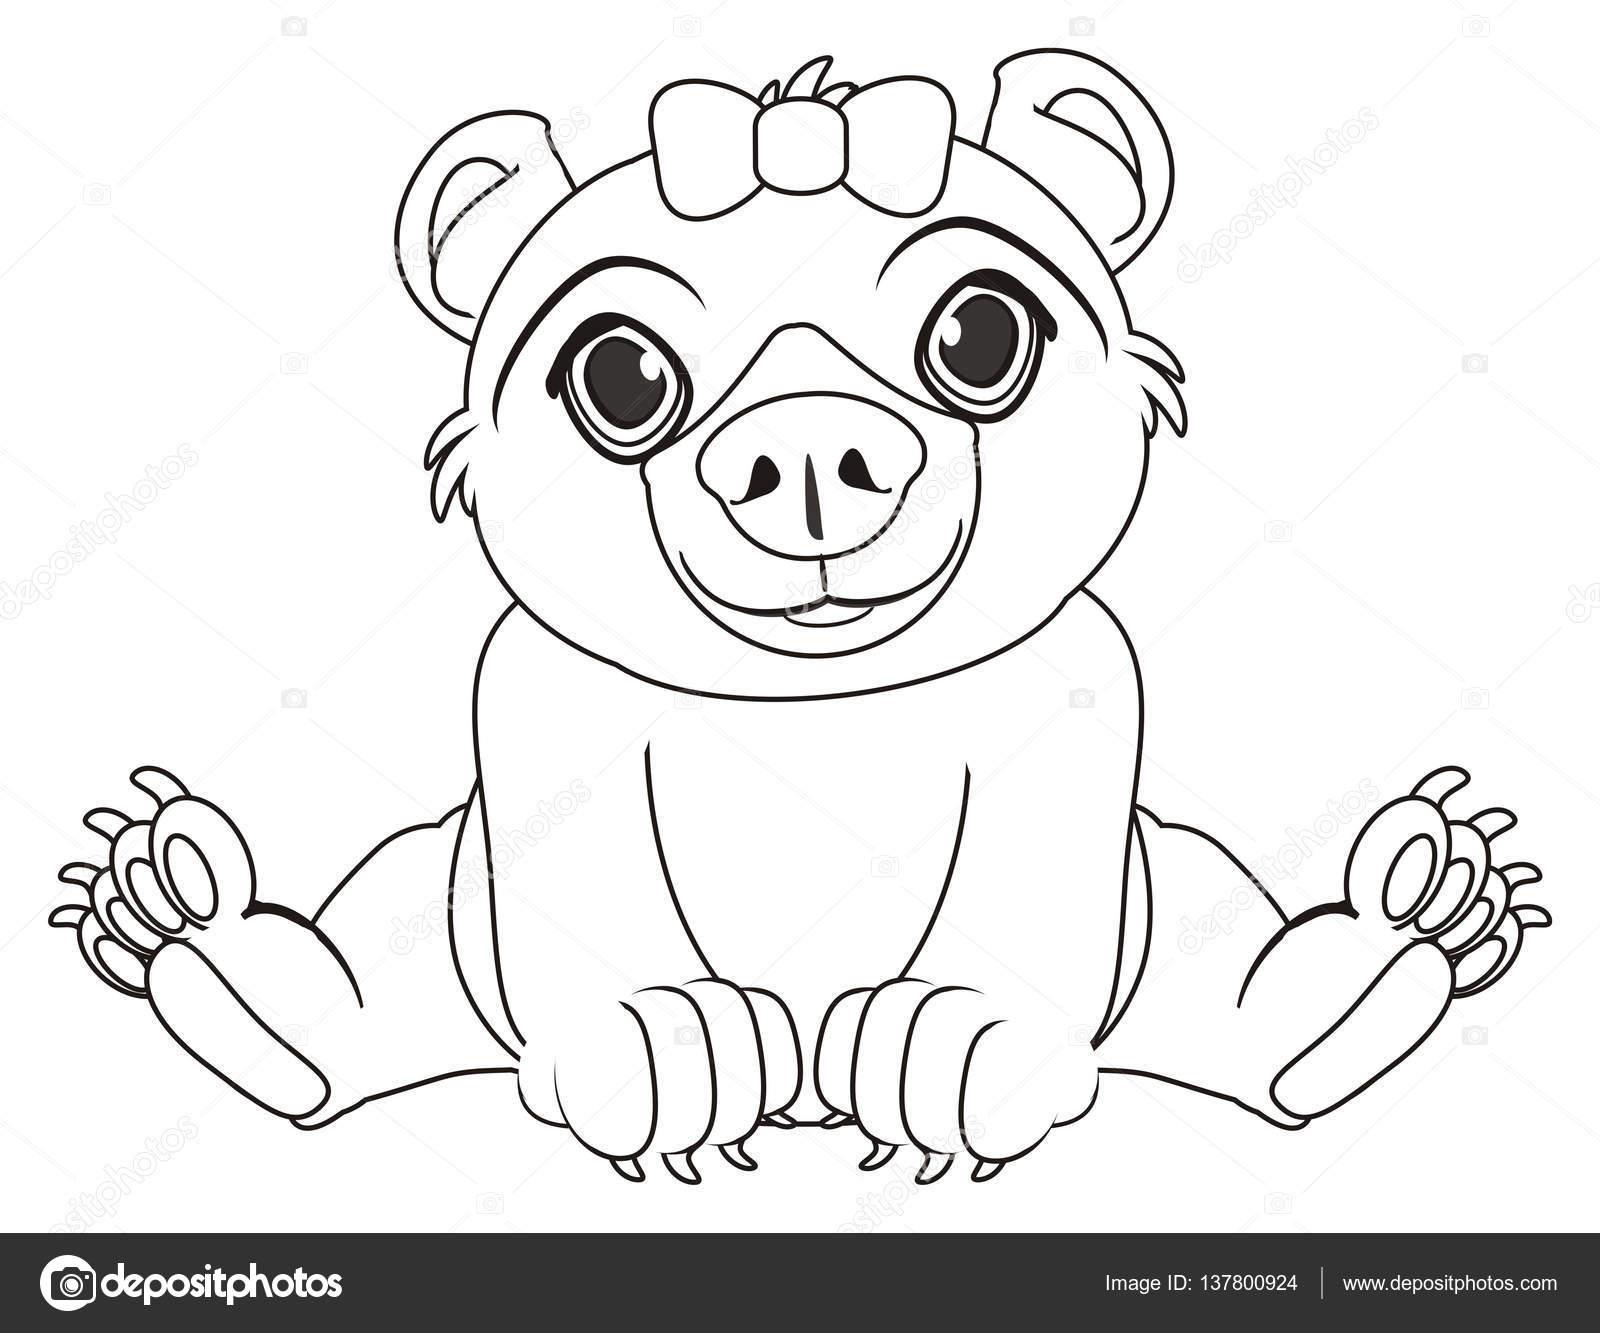 Malvorlagen Bär Mädchen — Stockfoto © tatty77tatty #137800924